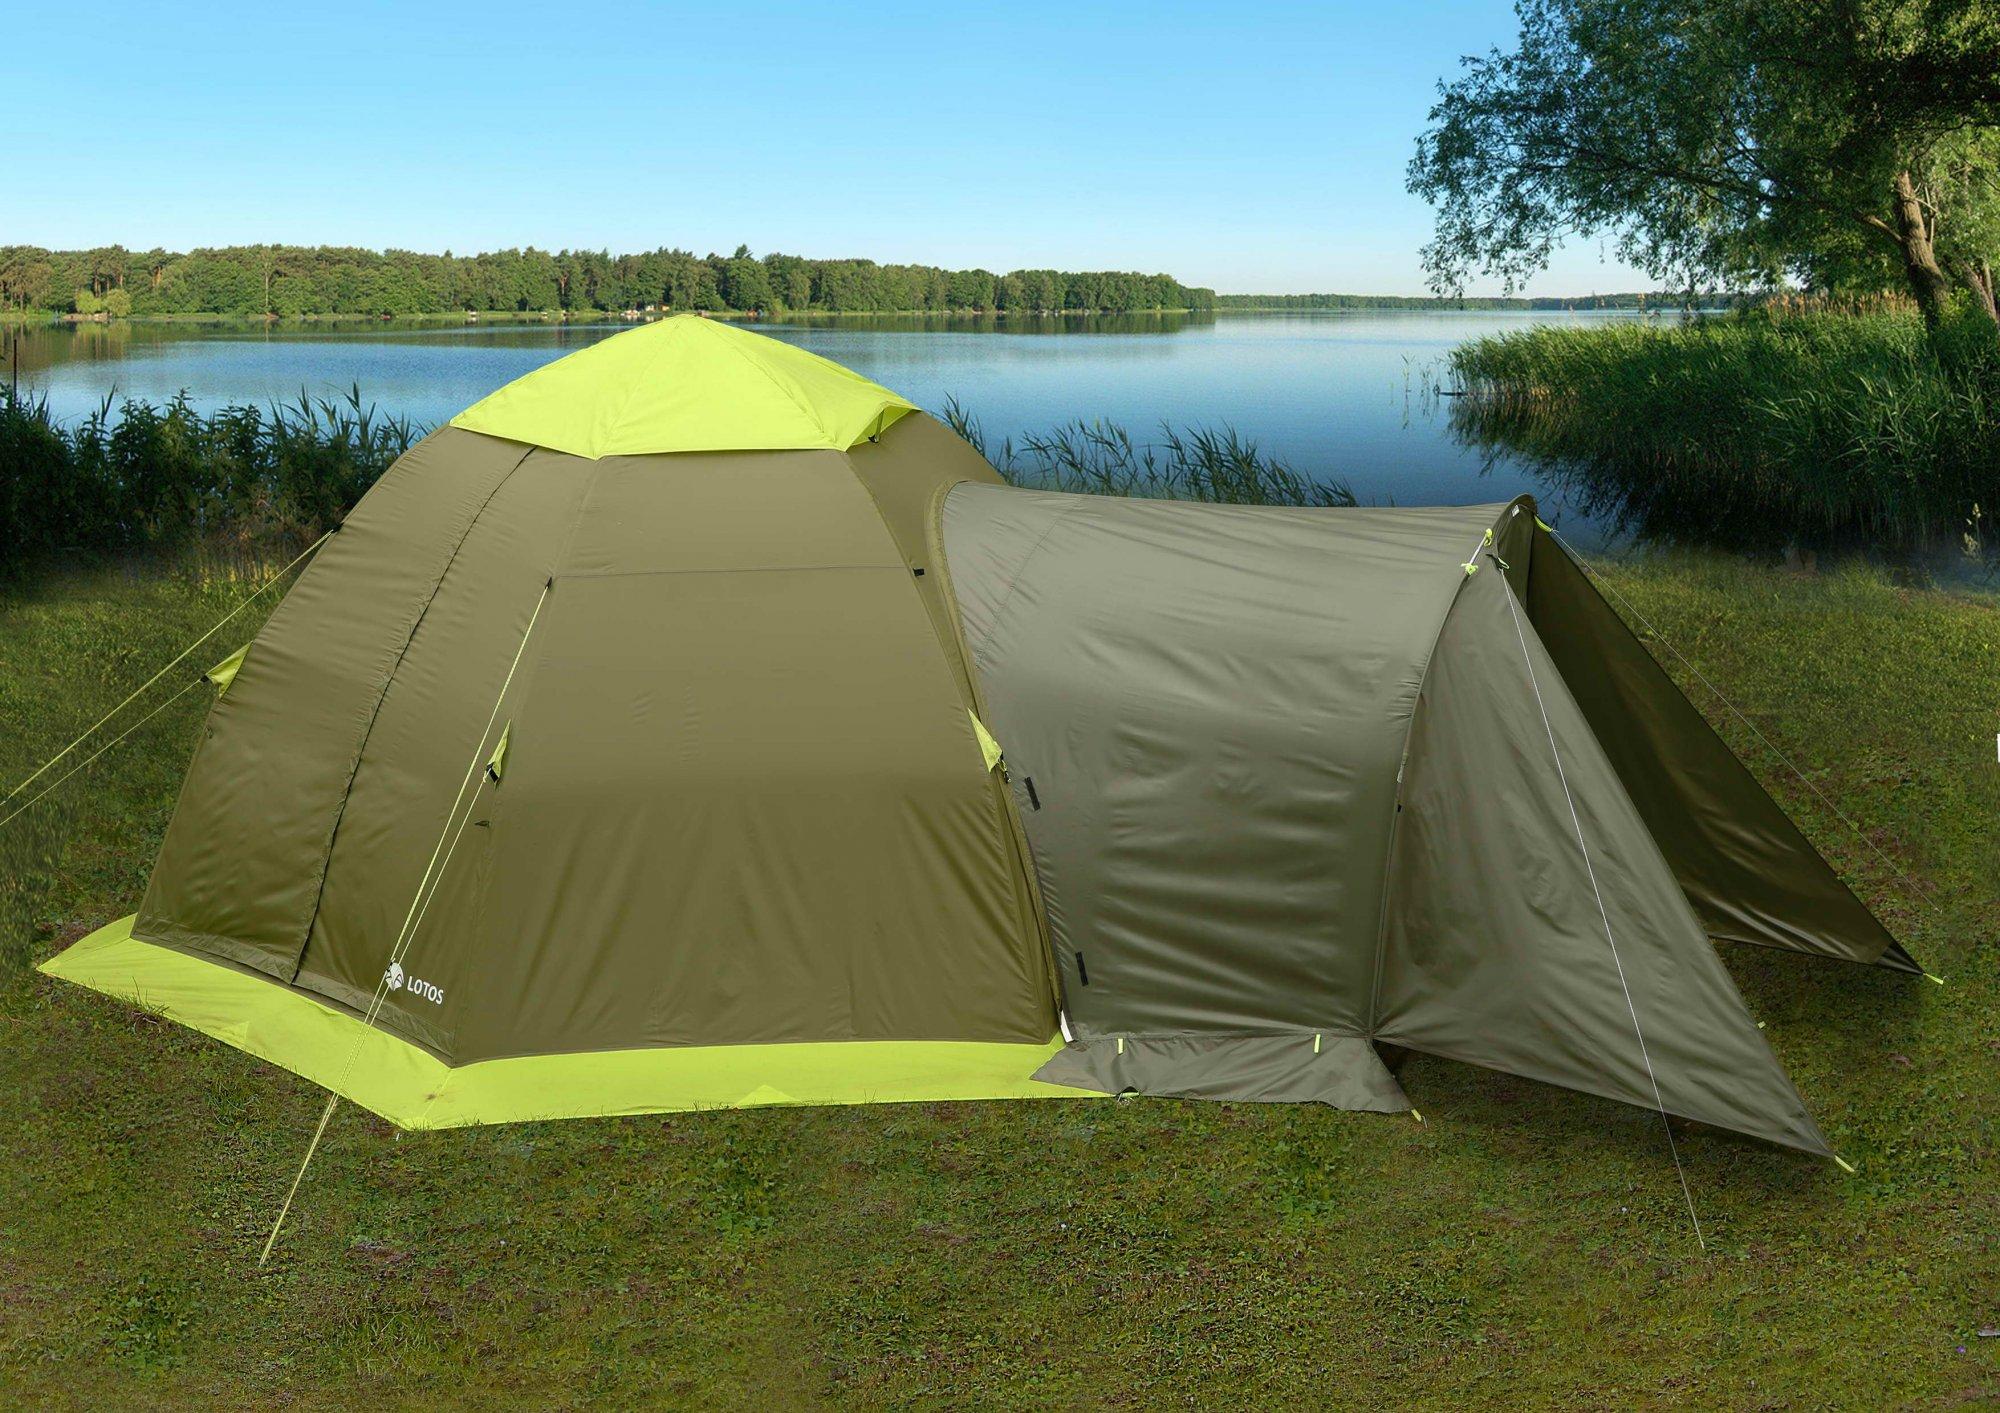 Тамбур для туристической палатки ЛОТОС 5 Универсал